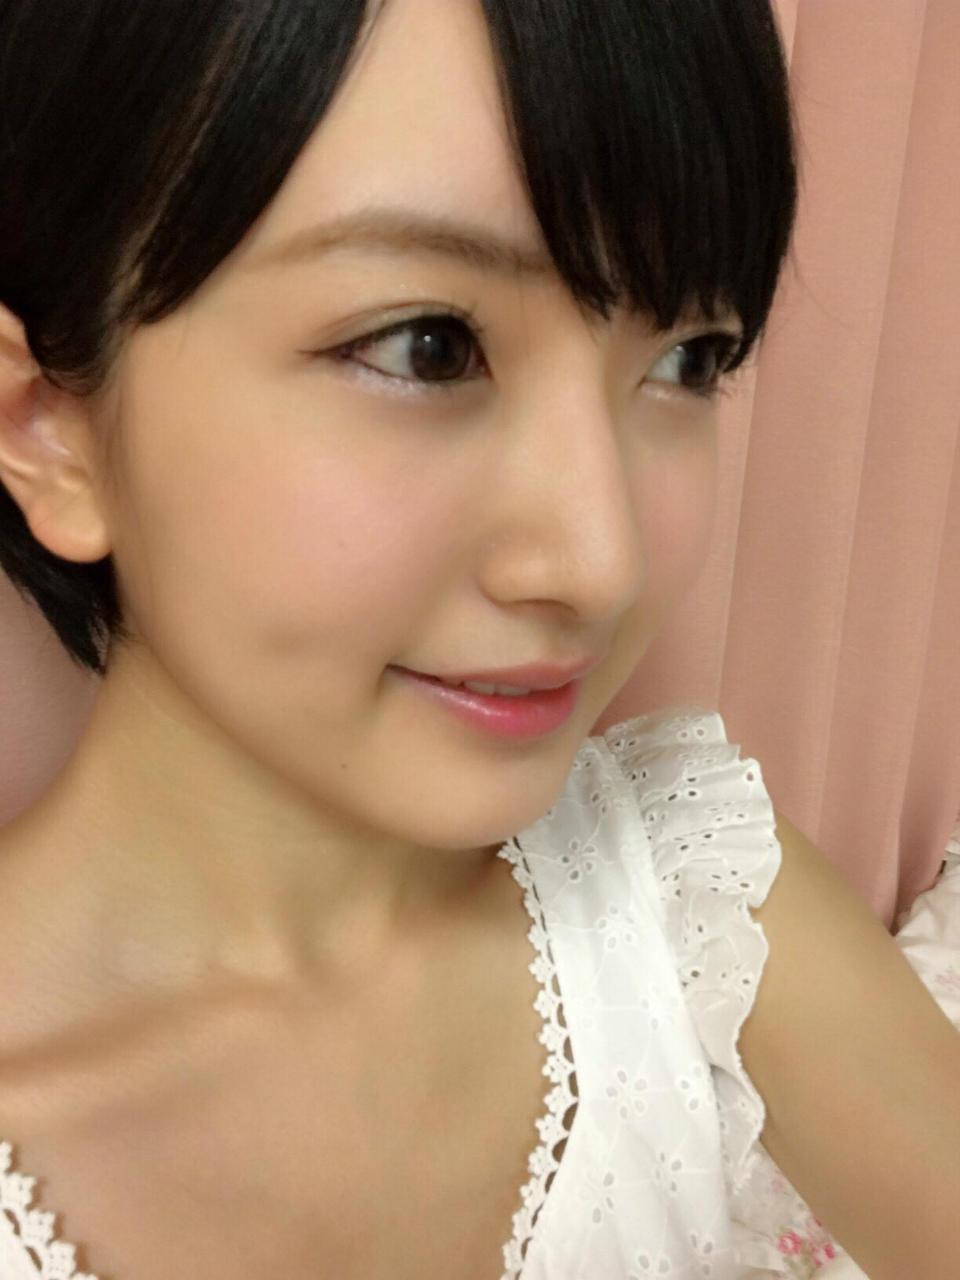 NMB48須藤凜々花「髪を切りましたっ」 NMB48須藤凜々花「髪を切りましたっ」 | AKB4